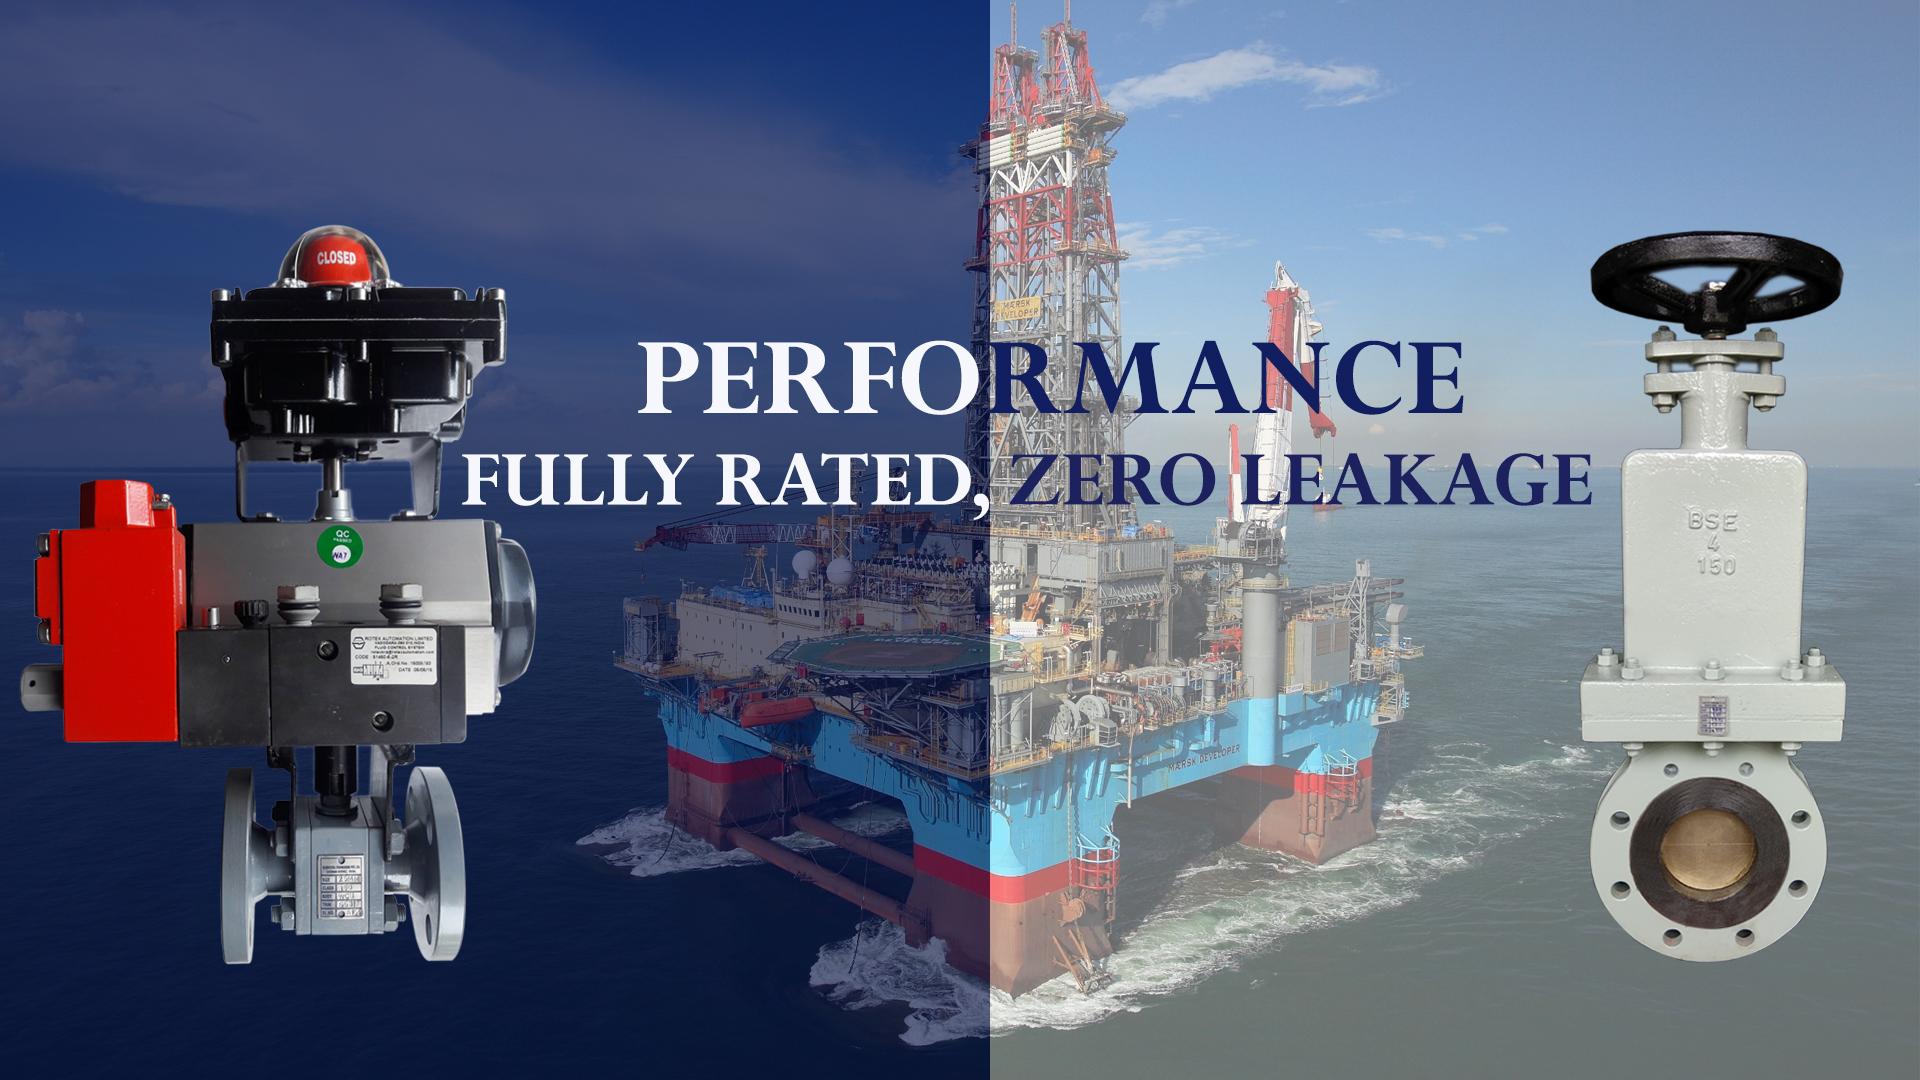 Fully rated, Zero leakage valves